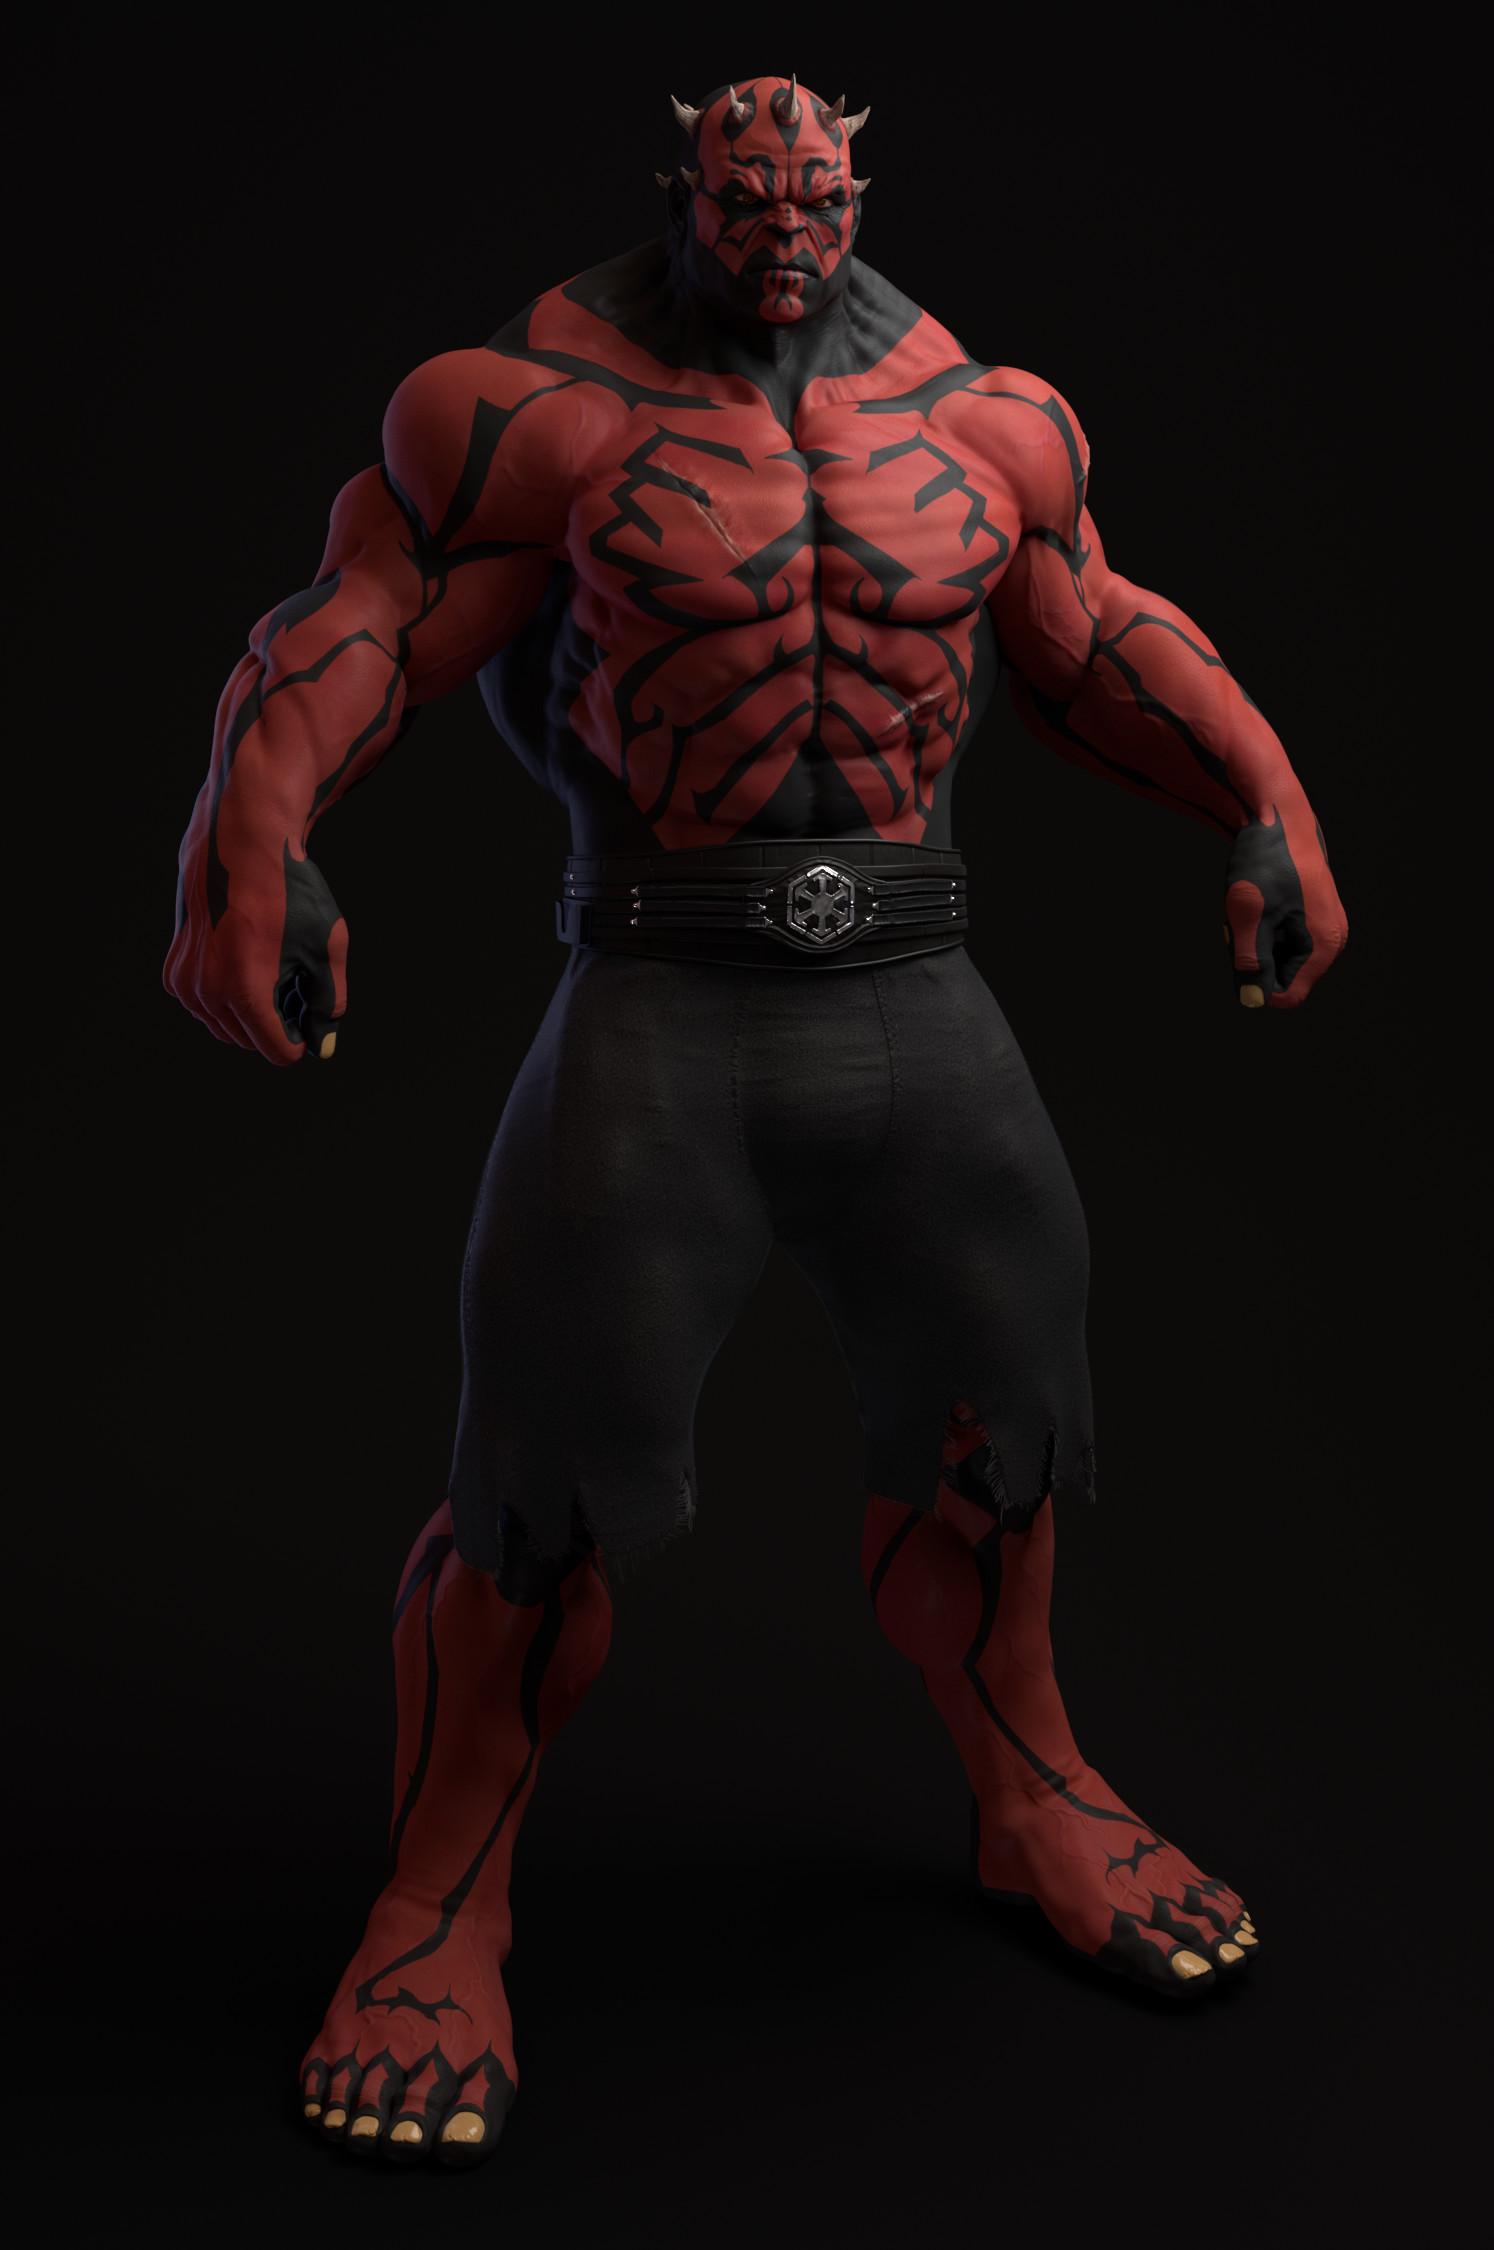 Red Hulk Wallpaper Hd Artstation Hulk Maul Mickael Vermosen